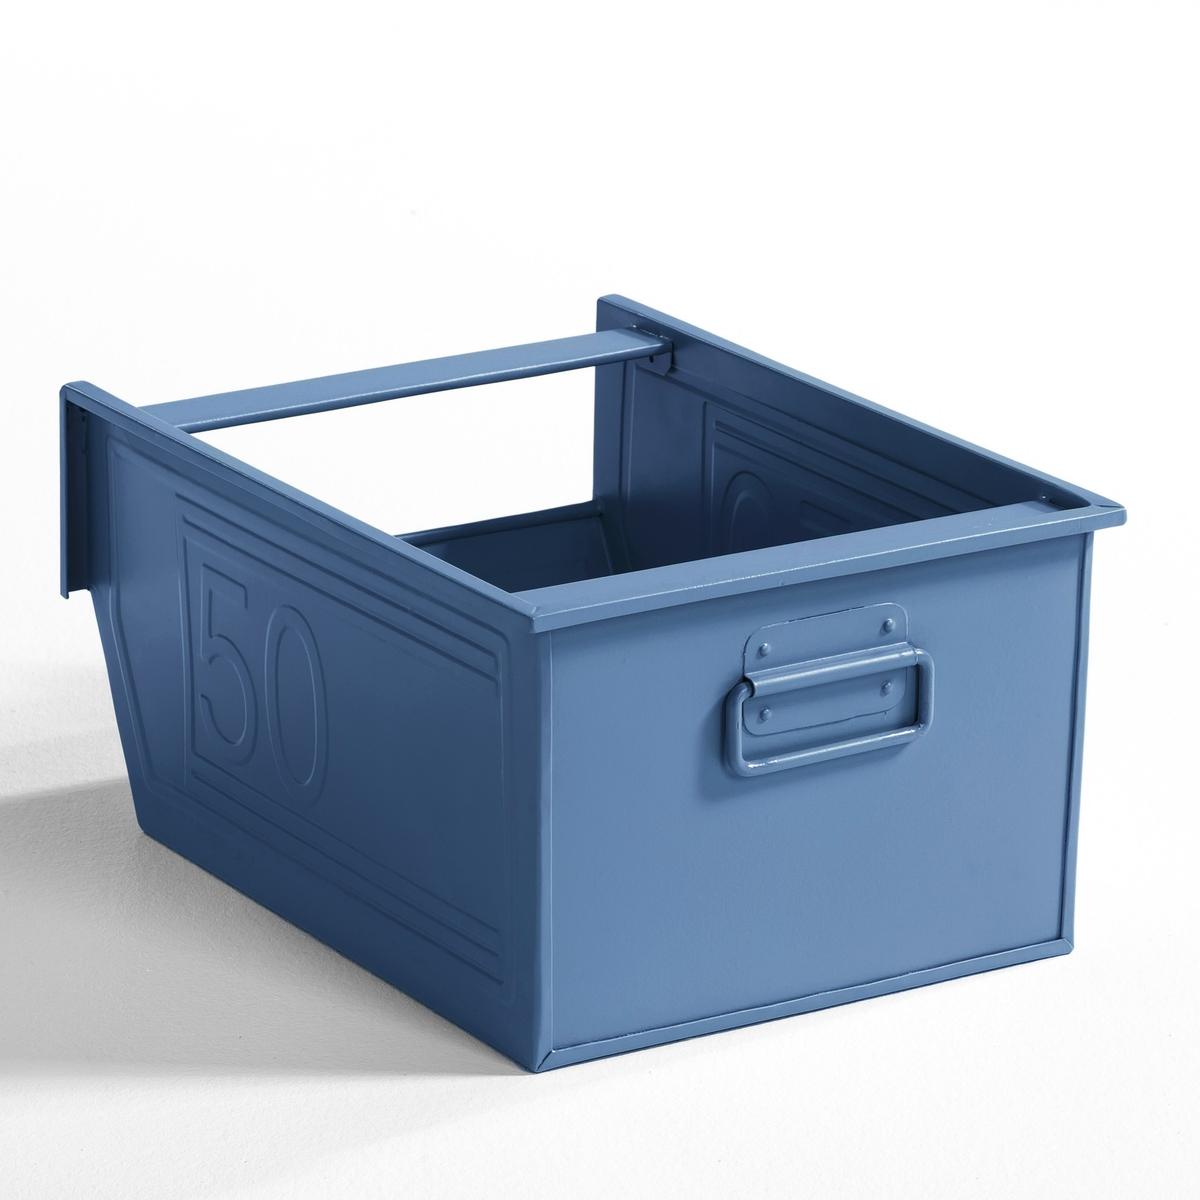 Ящик из металла WillМеталлический ящик Will с ручкой для удобной транспортировки. Отделка эпоксидной краской. Размер: длина 28 х ширина 37 х высота 20 см.<br><br>Цвет: белый,желтый,розовый телесный,серый,темно-синий,хаки,черный<br>Размер: 37 x 28 x 20 см.37 x 28 x 20 см.37 x 28 x 20 см